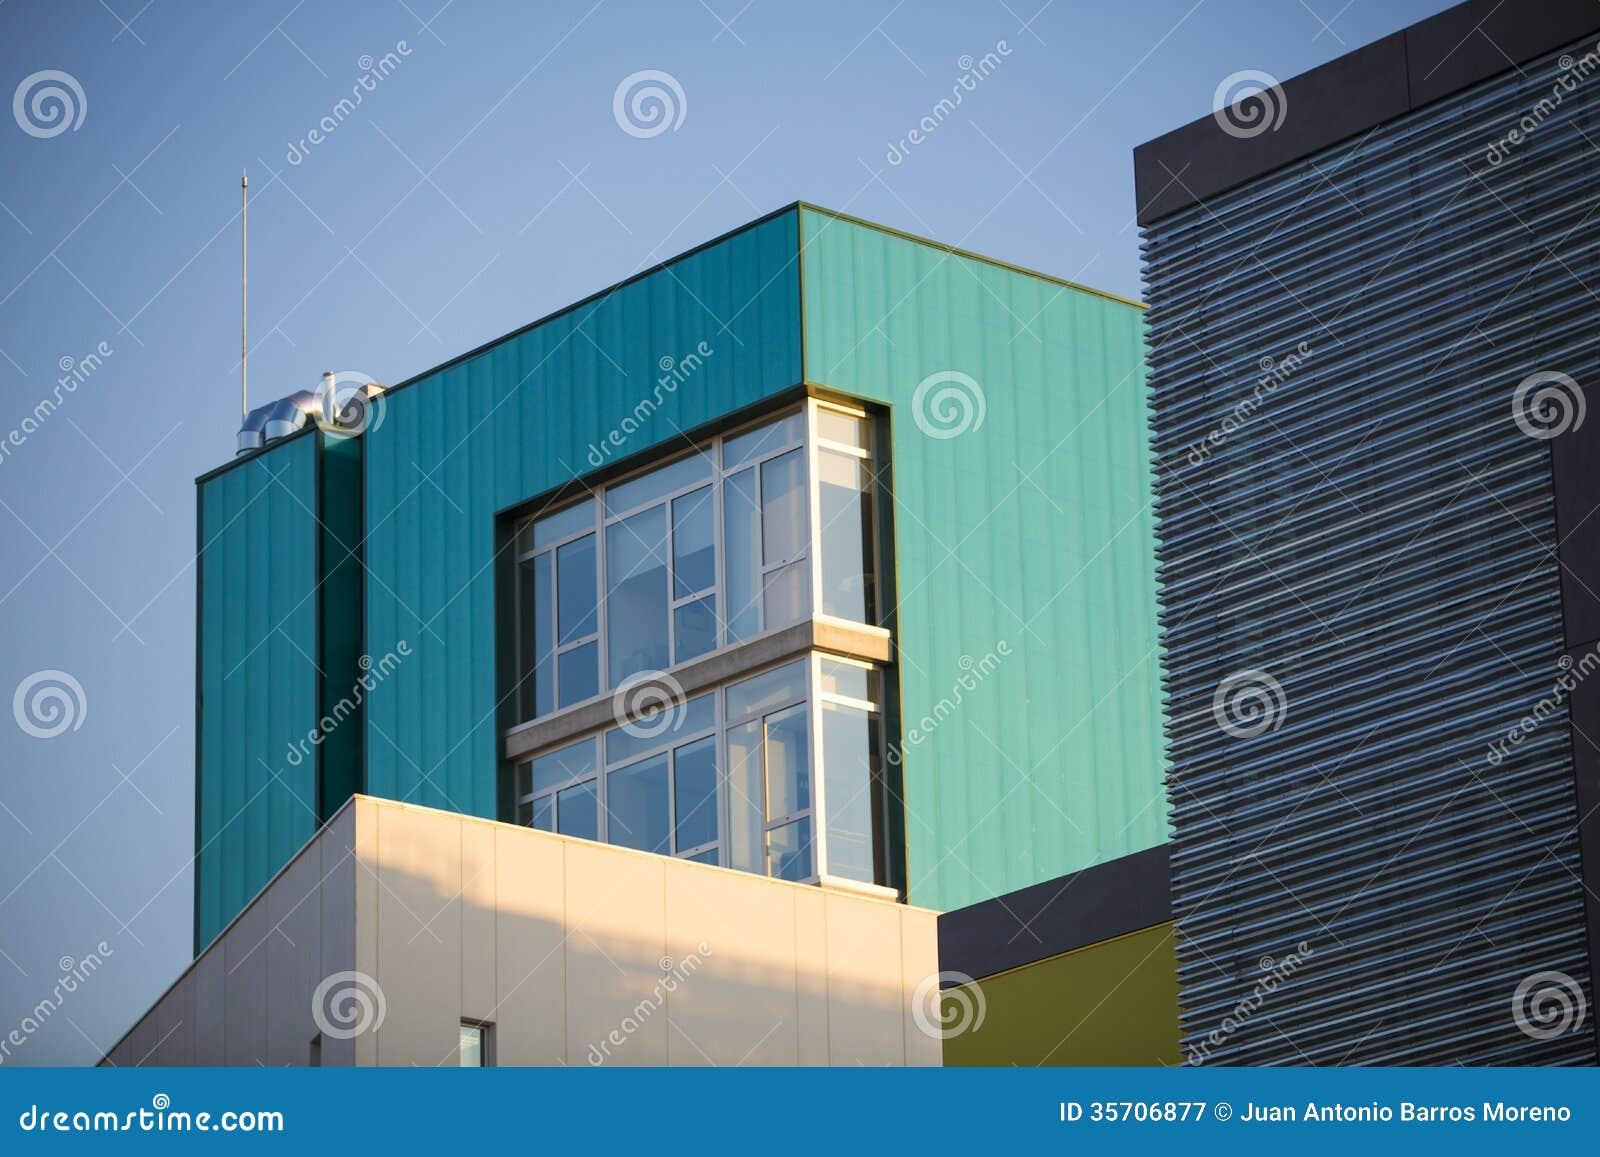 Edificios de oficinas modernos edificios coloridos en un for Oficinas industriales modernas